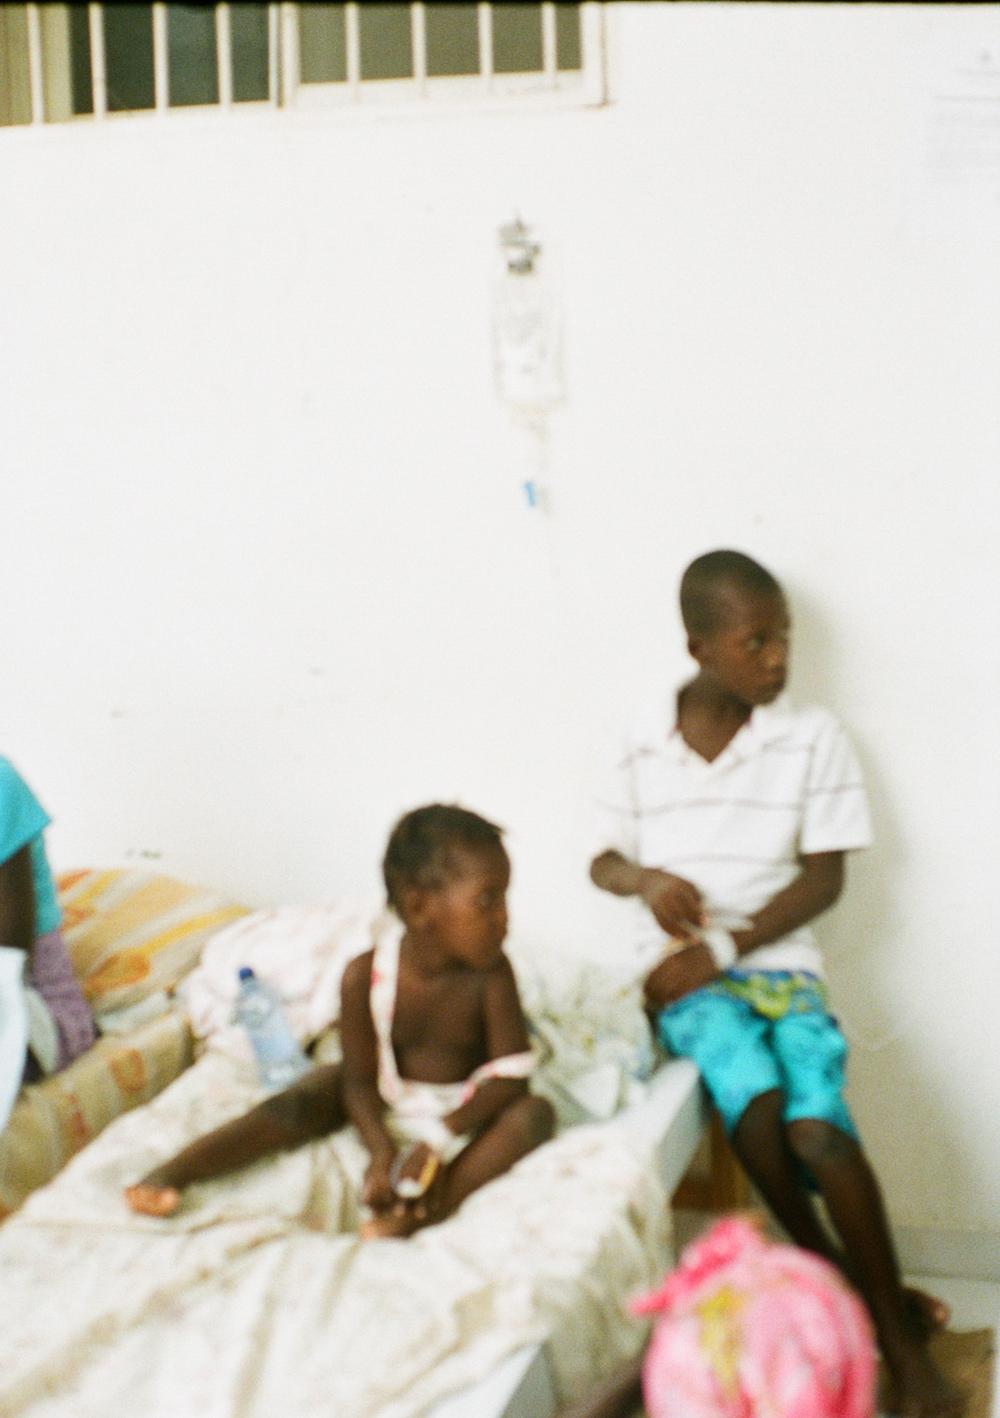 haiti071-759806010041.jpg